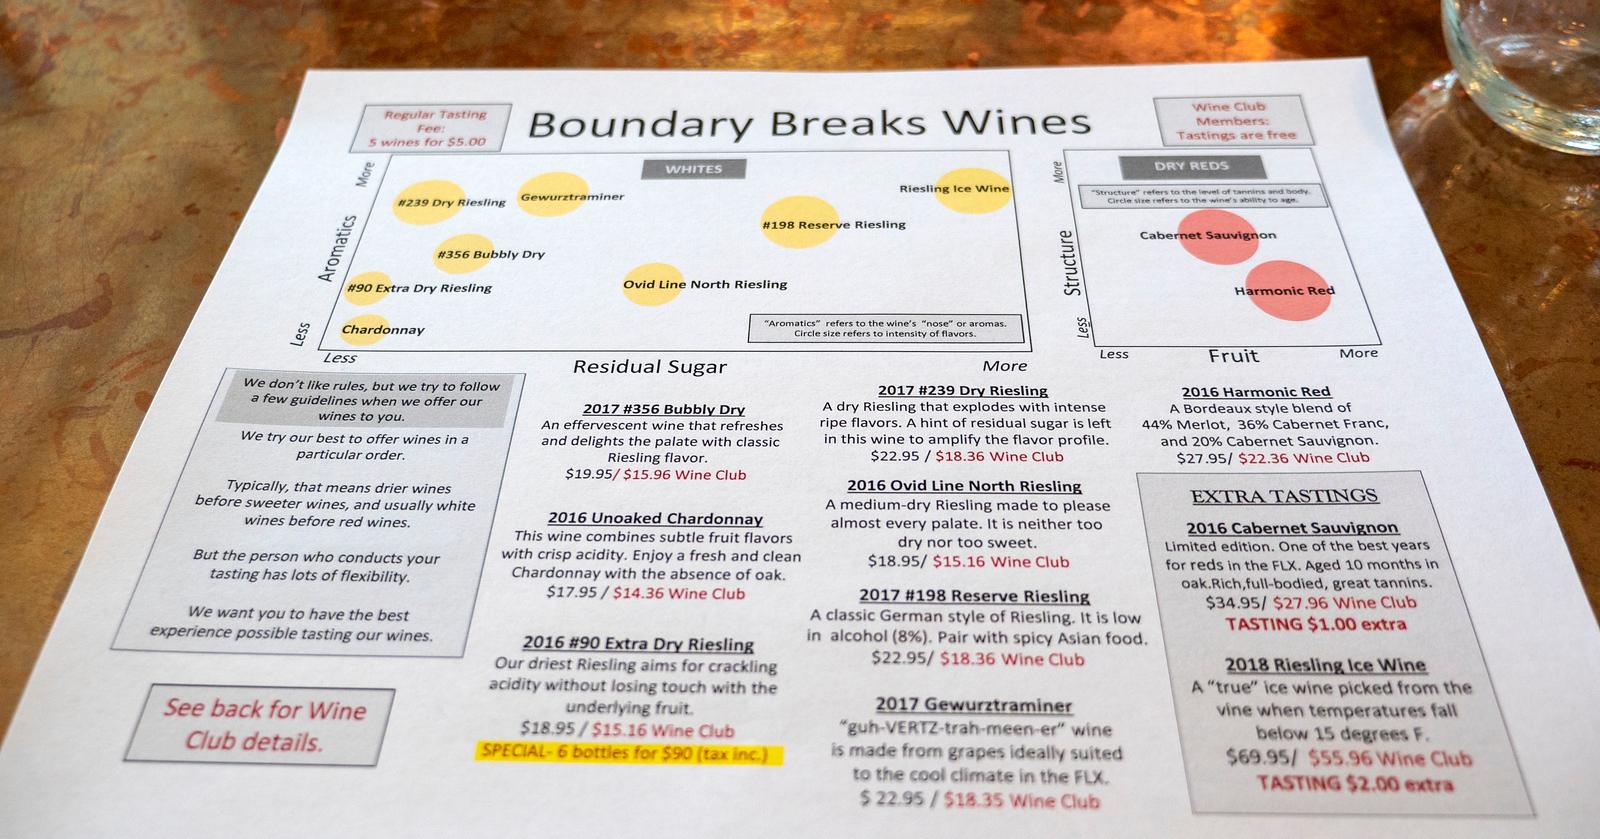 Vegan Wineries: 10 Best Wineries on Seneca Lake NY - Boundary Breaks